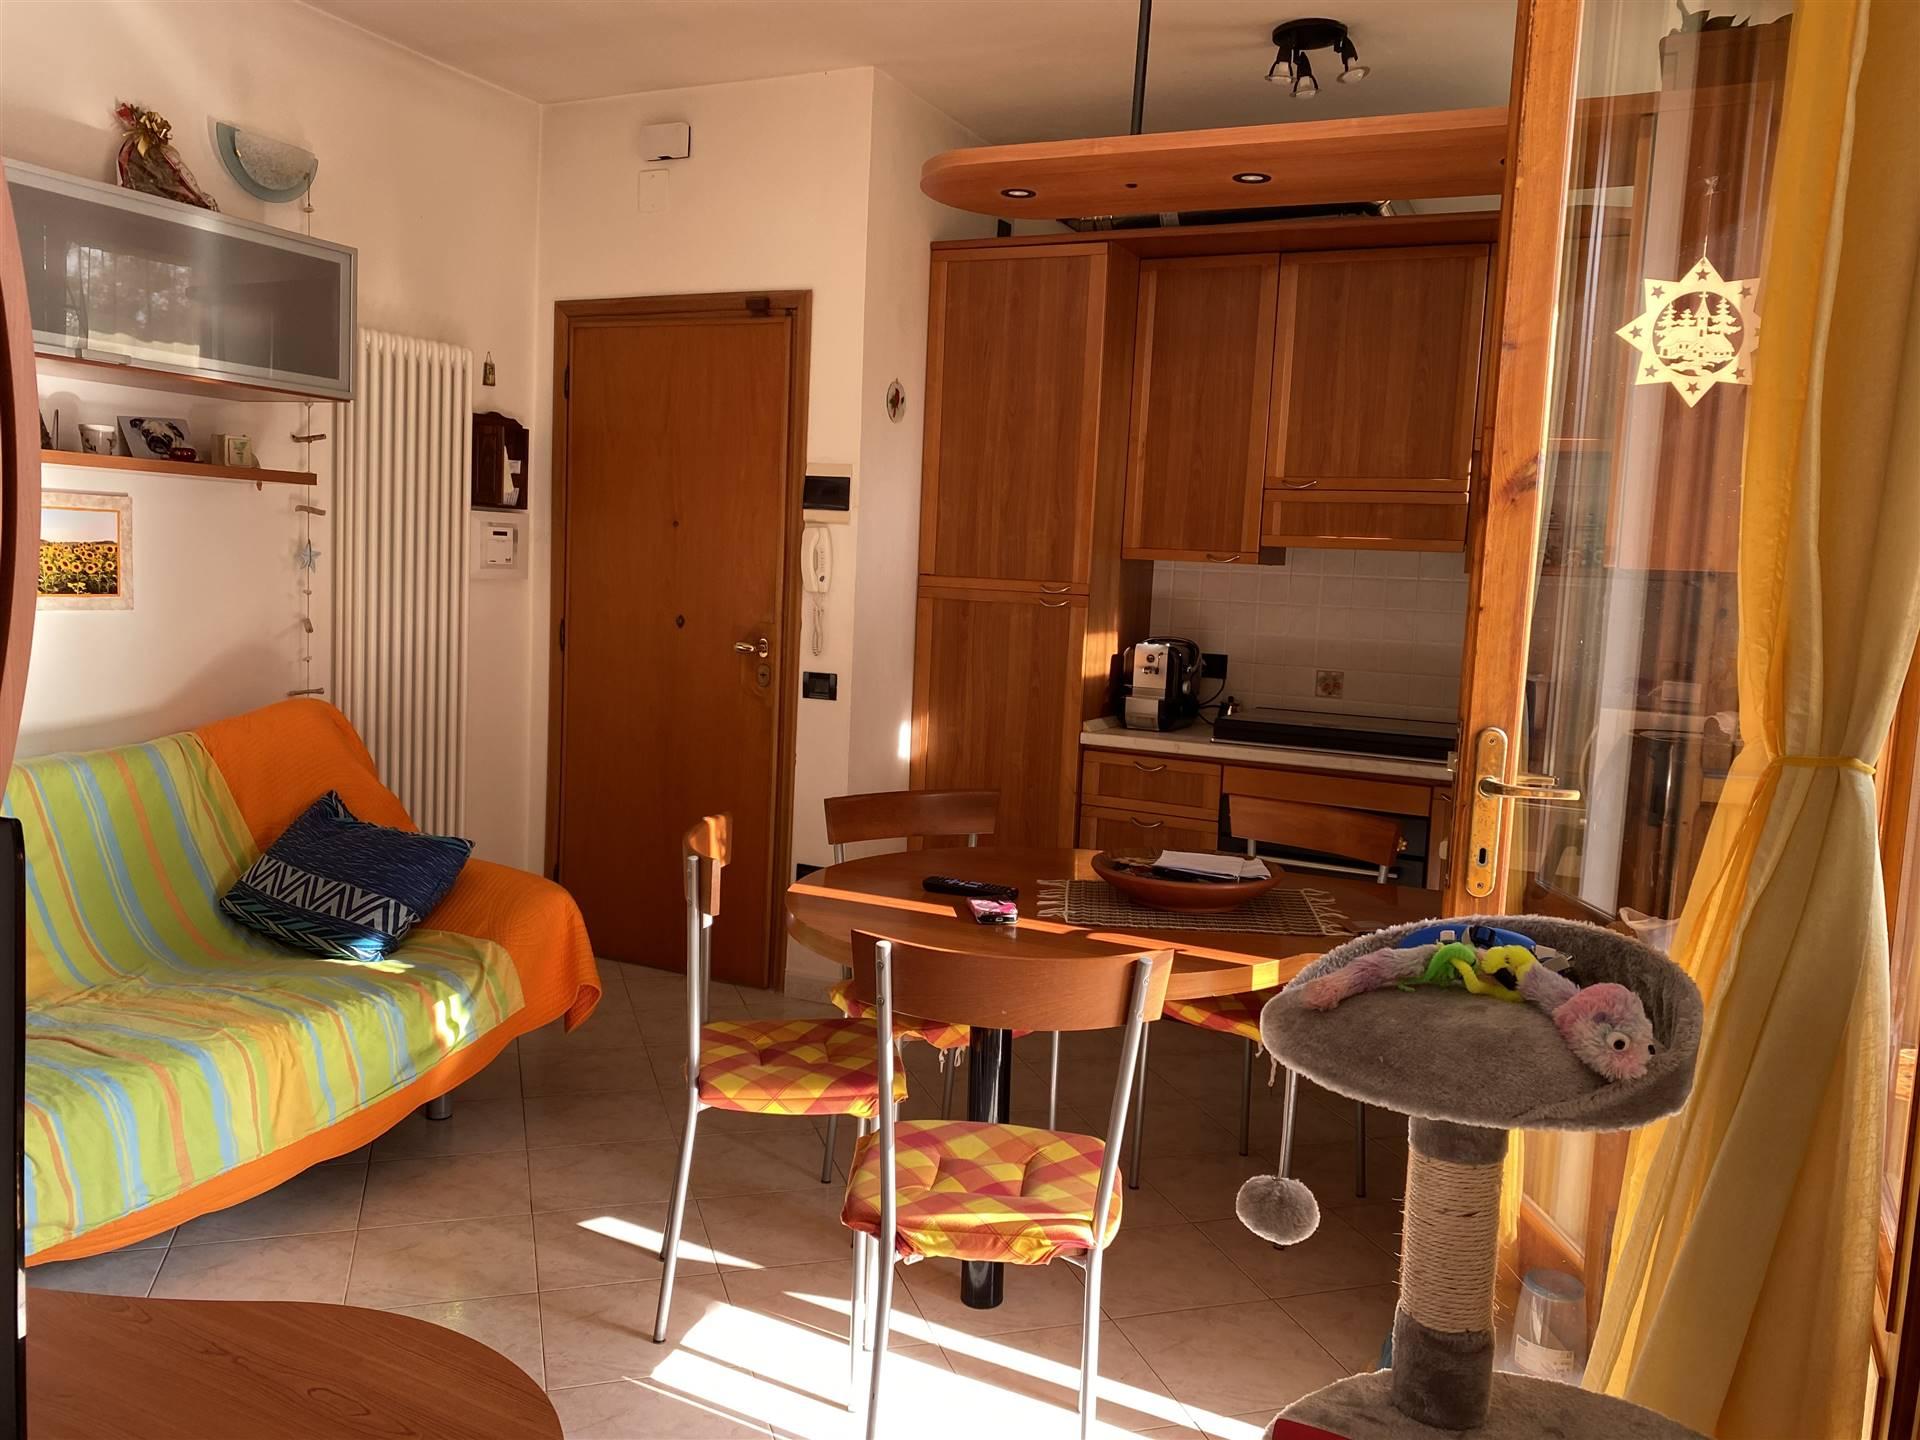 TIRRENIA, PISA, Квартира на продажу из 55 Км, Класс энергосбережения: G, на земле 1°, состоит из: 3 Помещения, Кухонька, 2 Комнаты, 1 Ванные, Балкон,